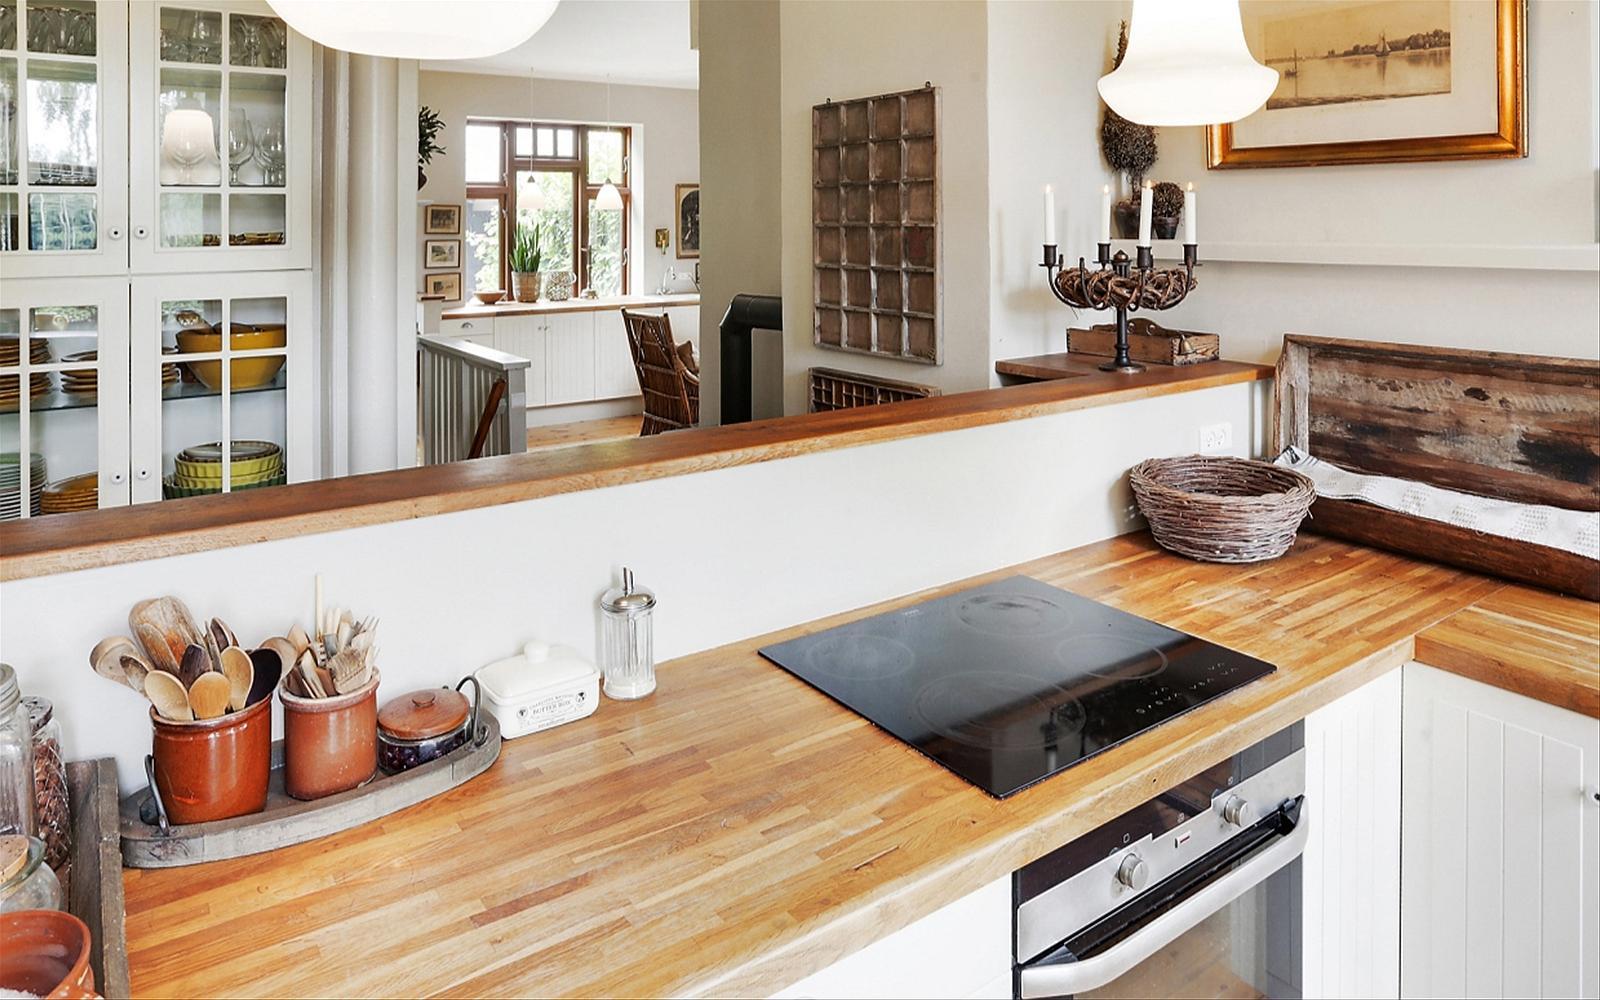 кухонный остров деревянная столешница варочная панель духовка